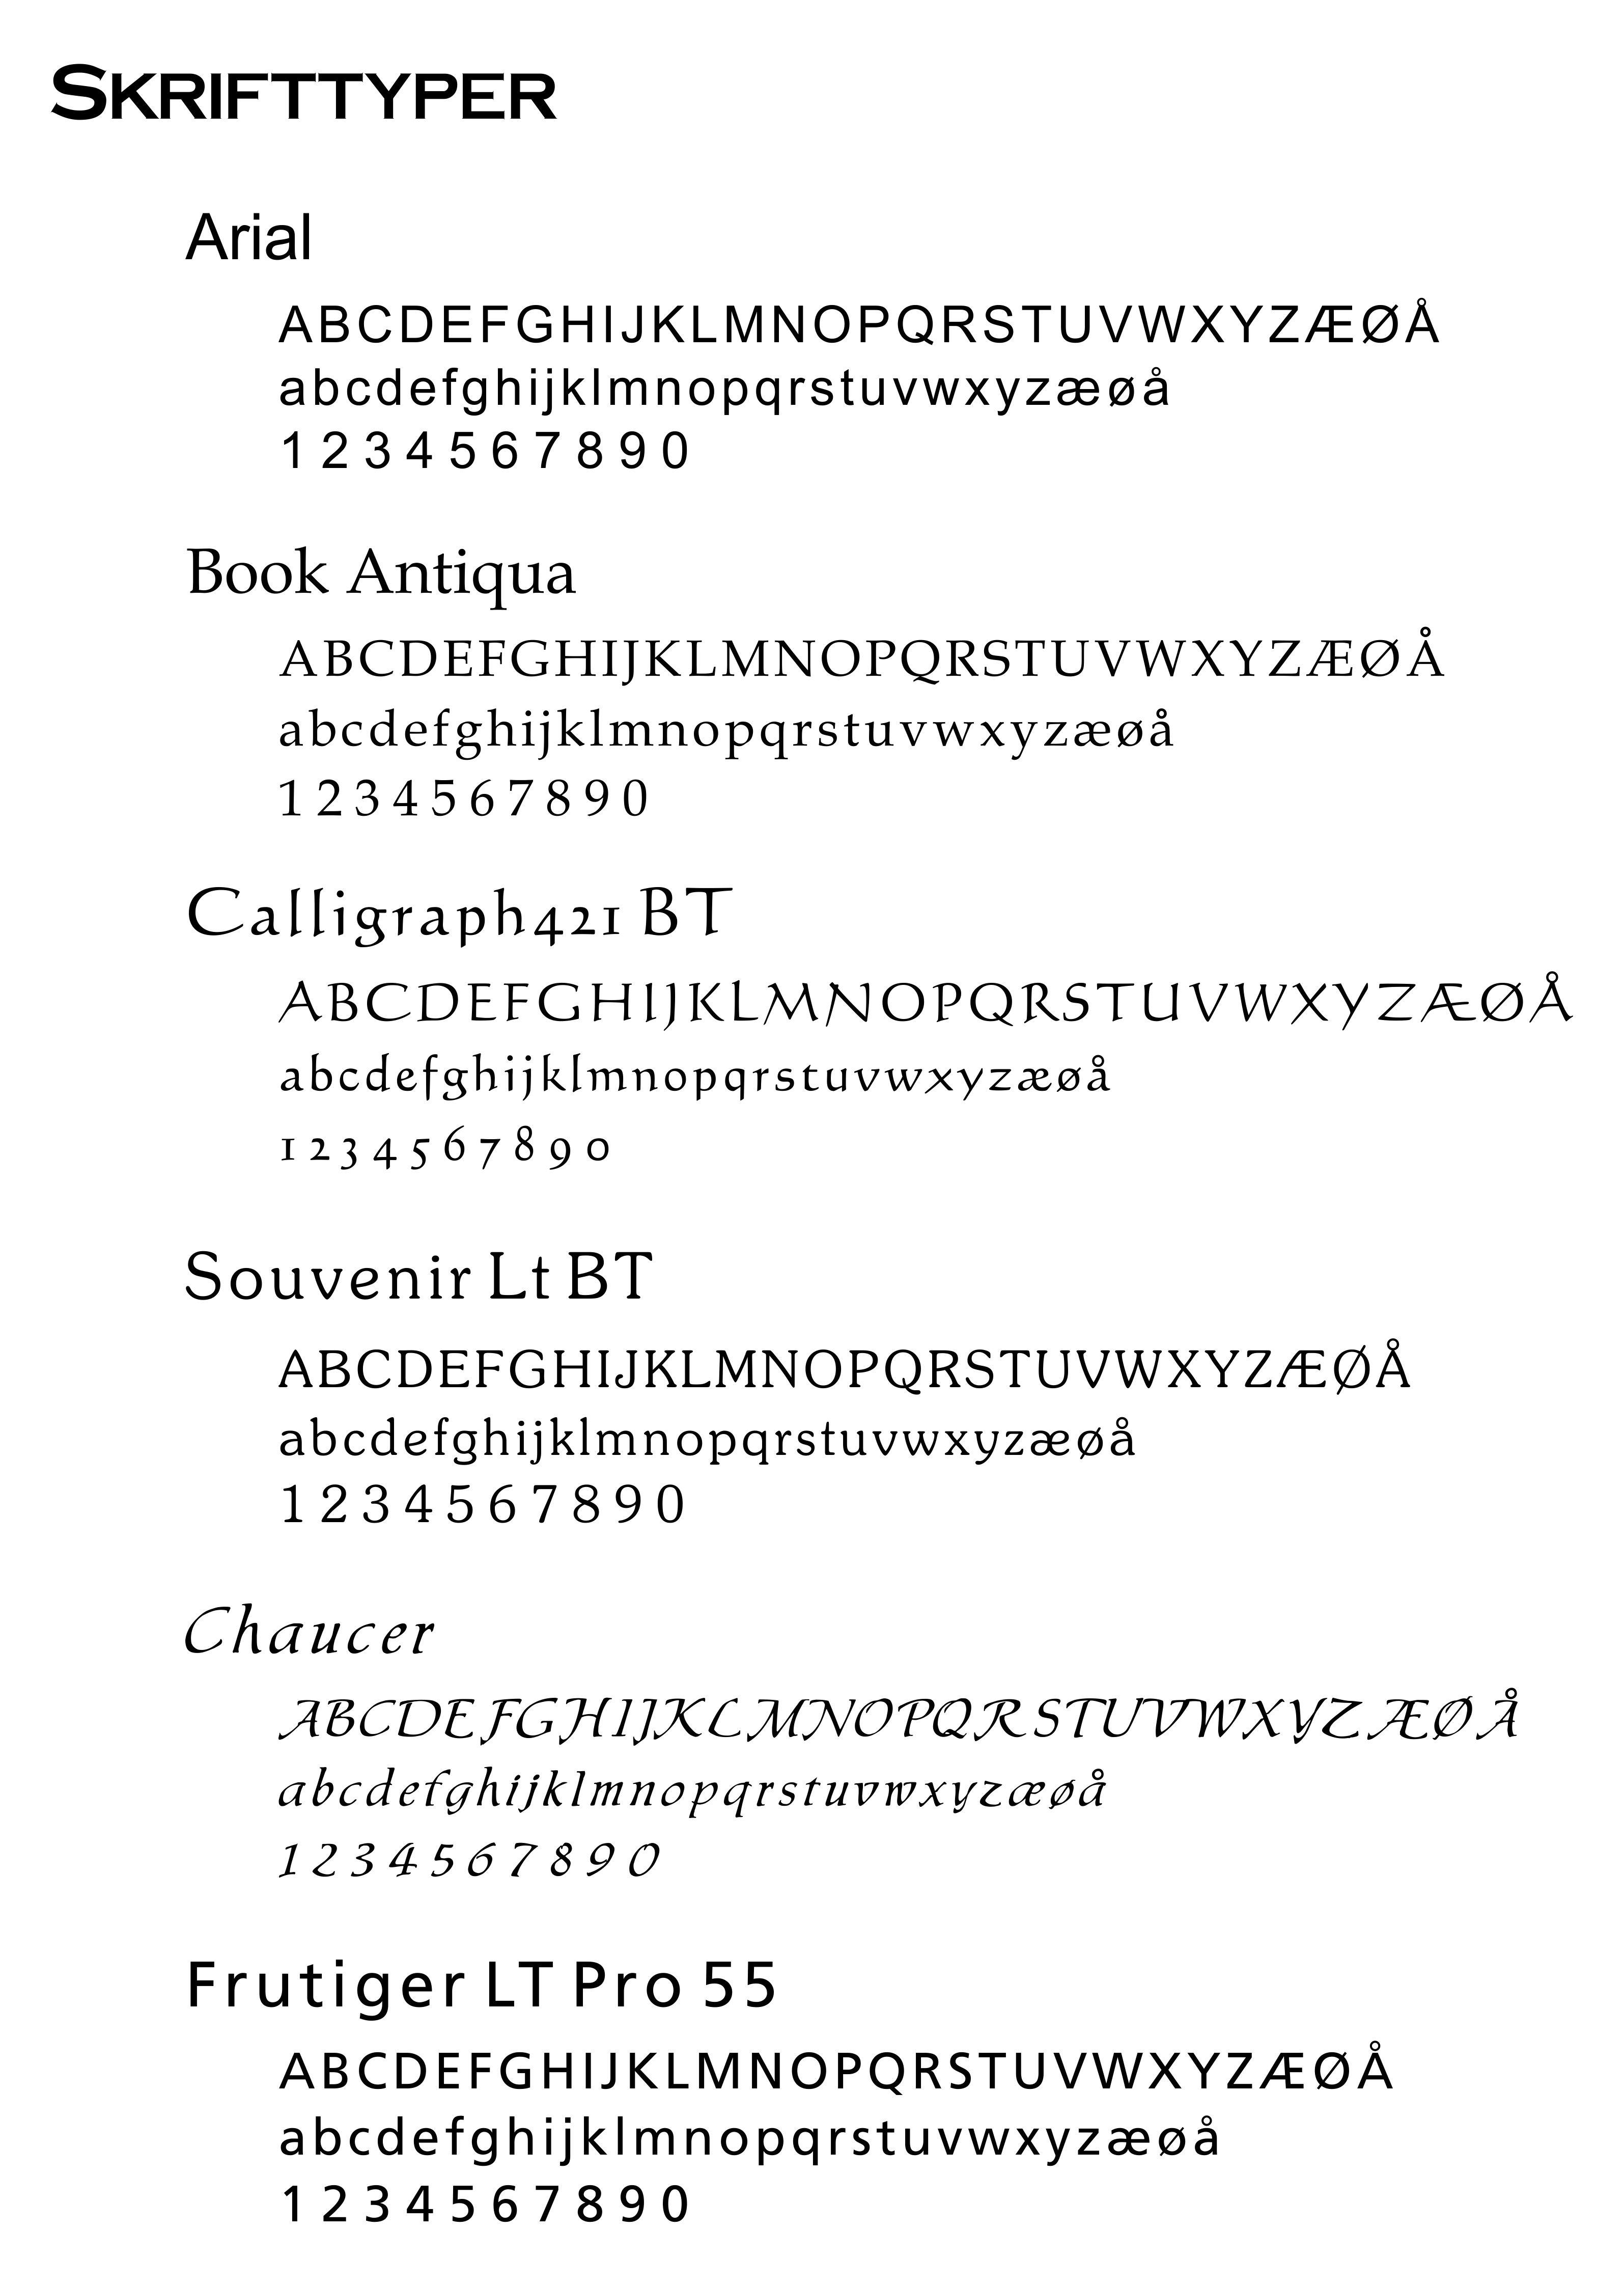 Klik her for at se skrifttyper